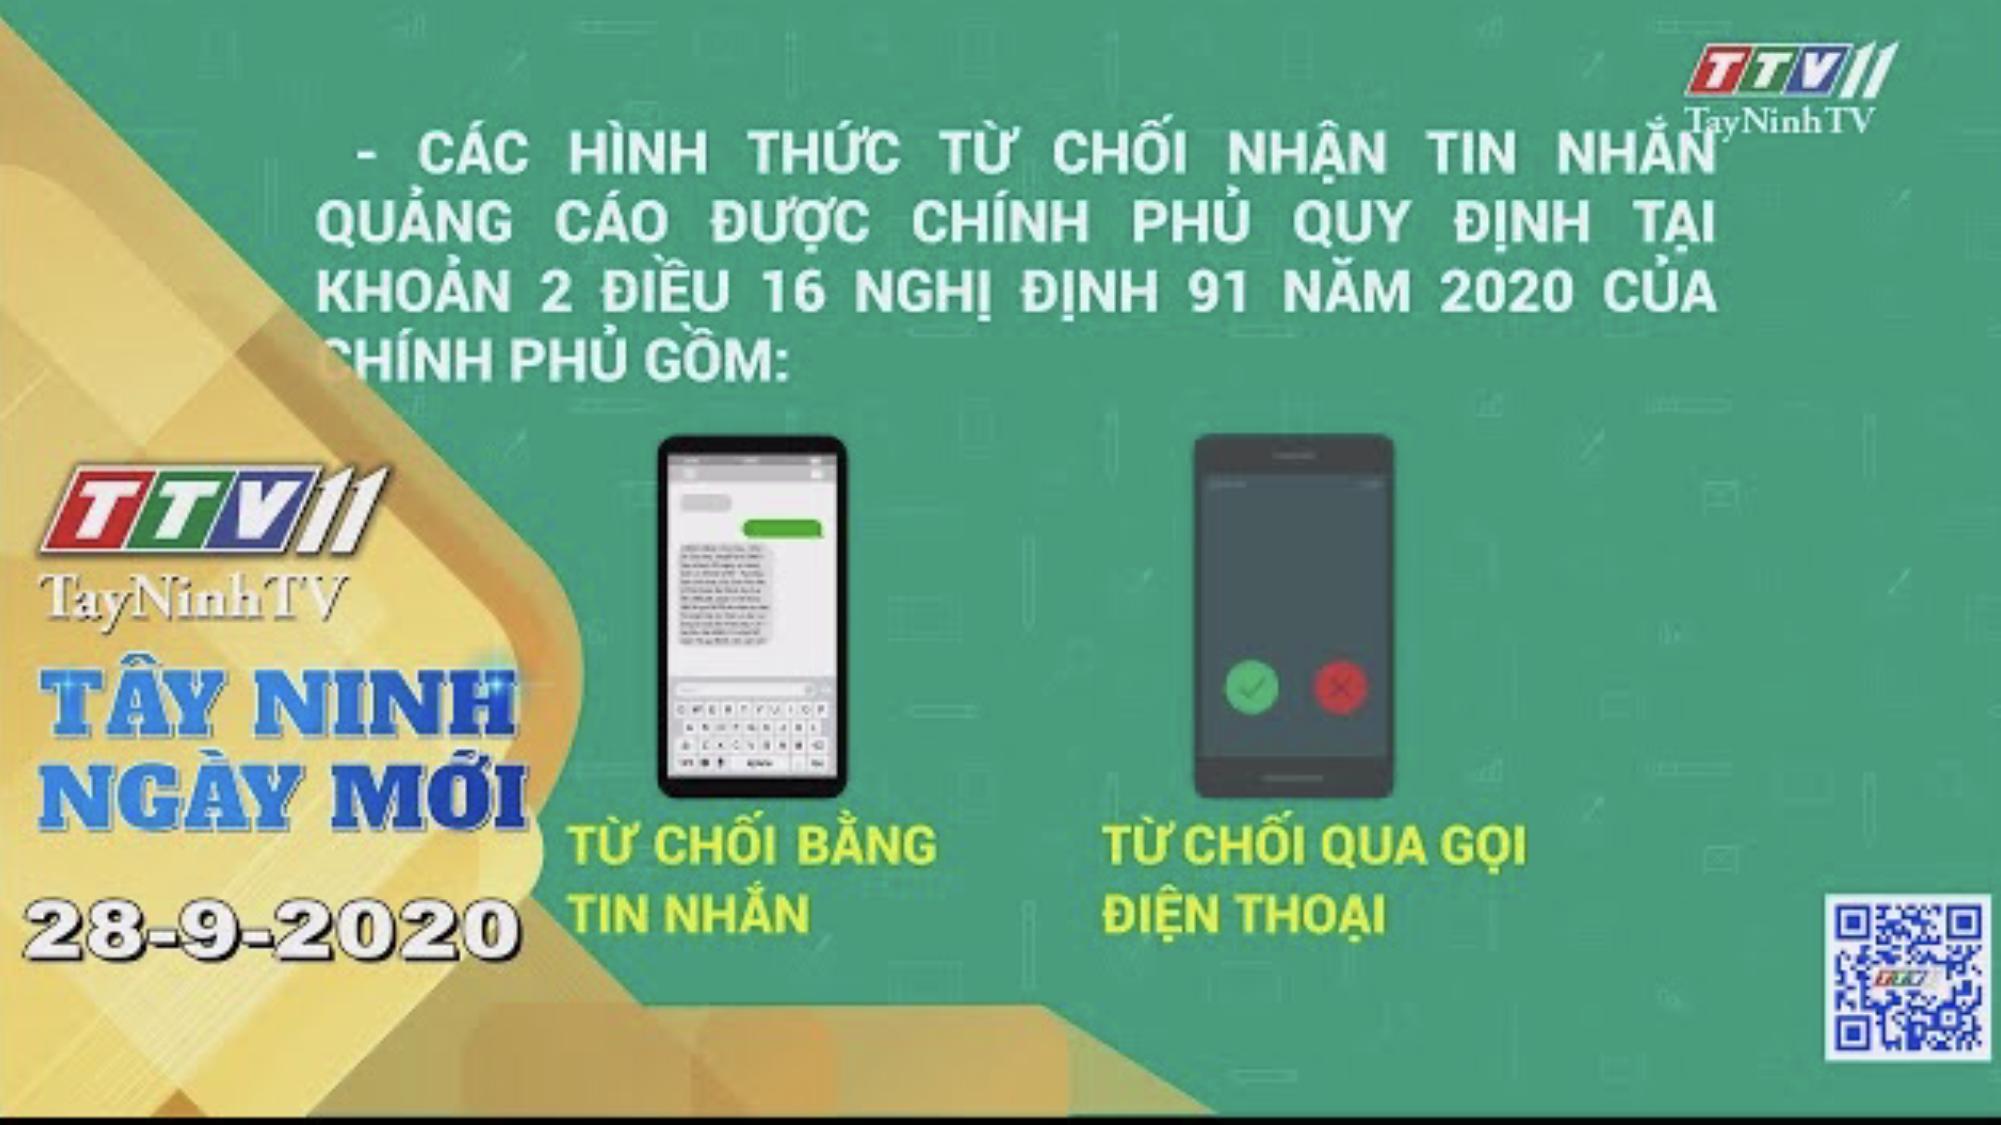 Tây Ninh Ngày Mới 28-9-2020 | Tin tức hôm nay | TayNinhTV